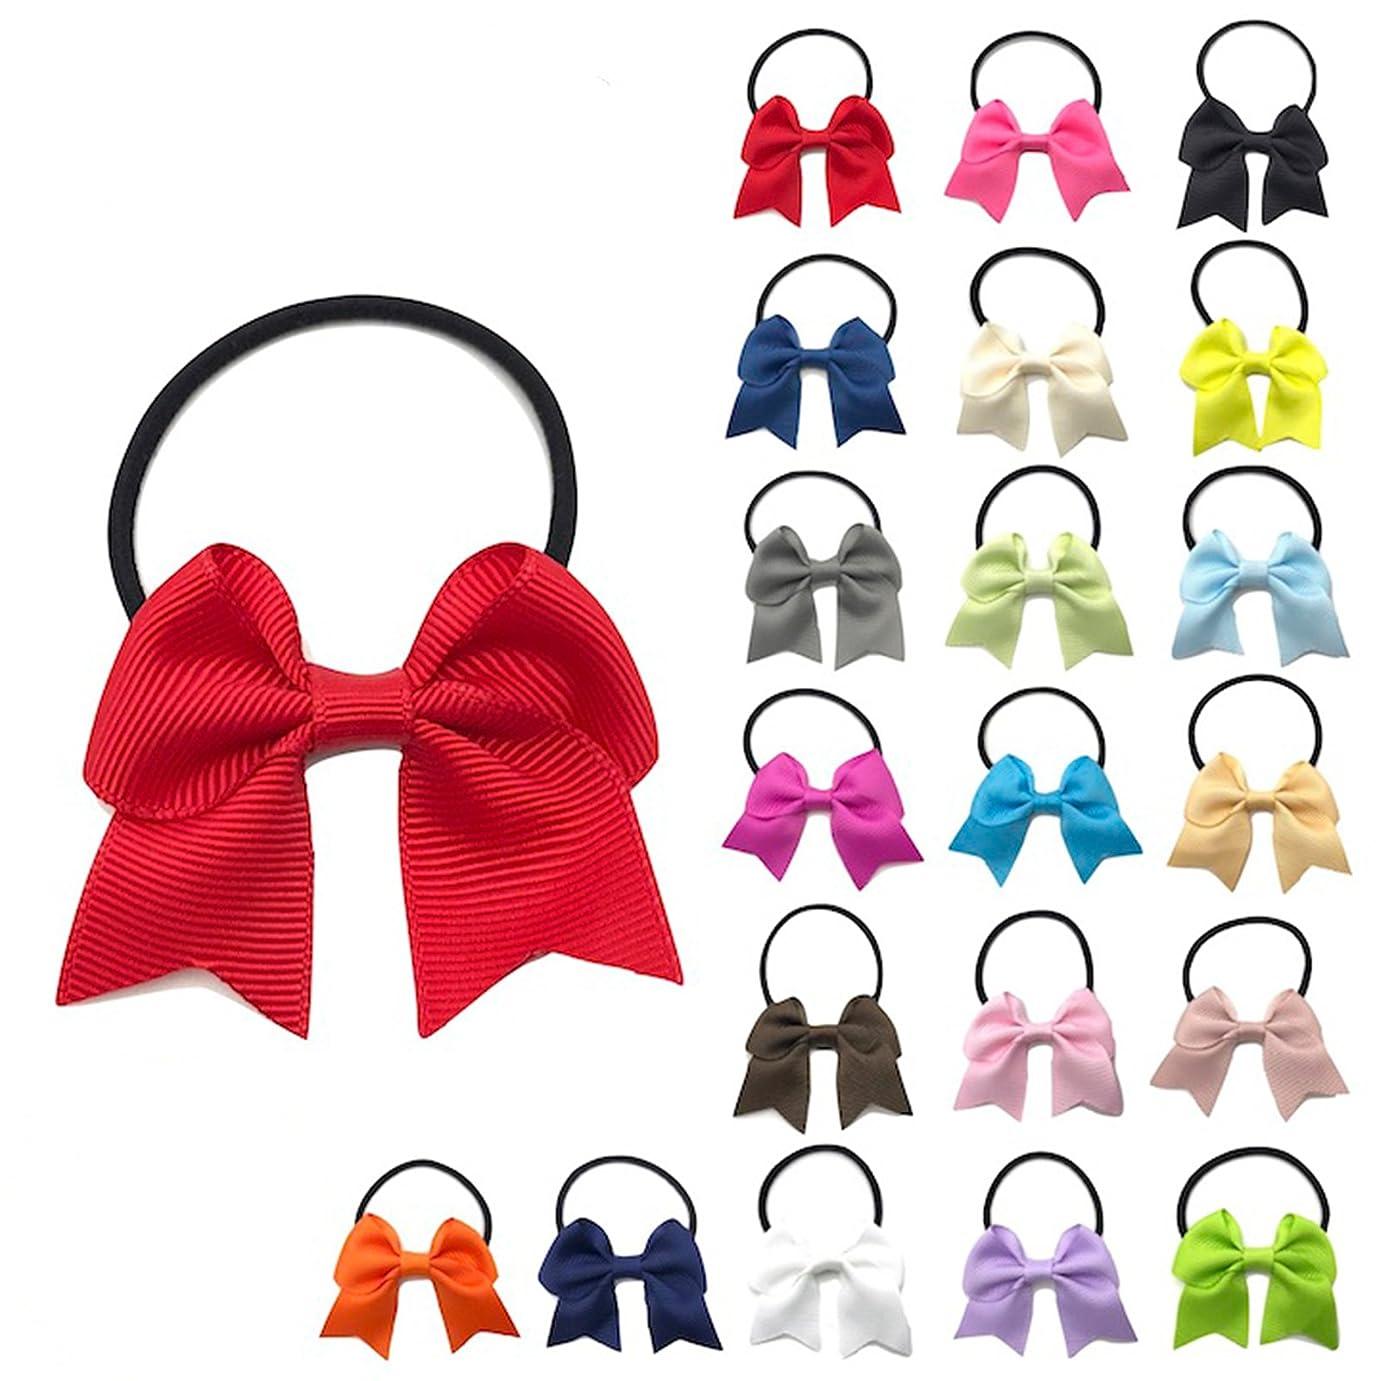 カスケード魔術師ヘッジOujyo 20カラーセット ヘアゴム リボン子ども ヘアゴム ミニ レディース ヘアアクセサリー キッズ 子供 赤 黒 紺 白 ピンク